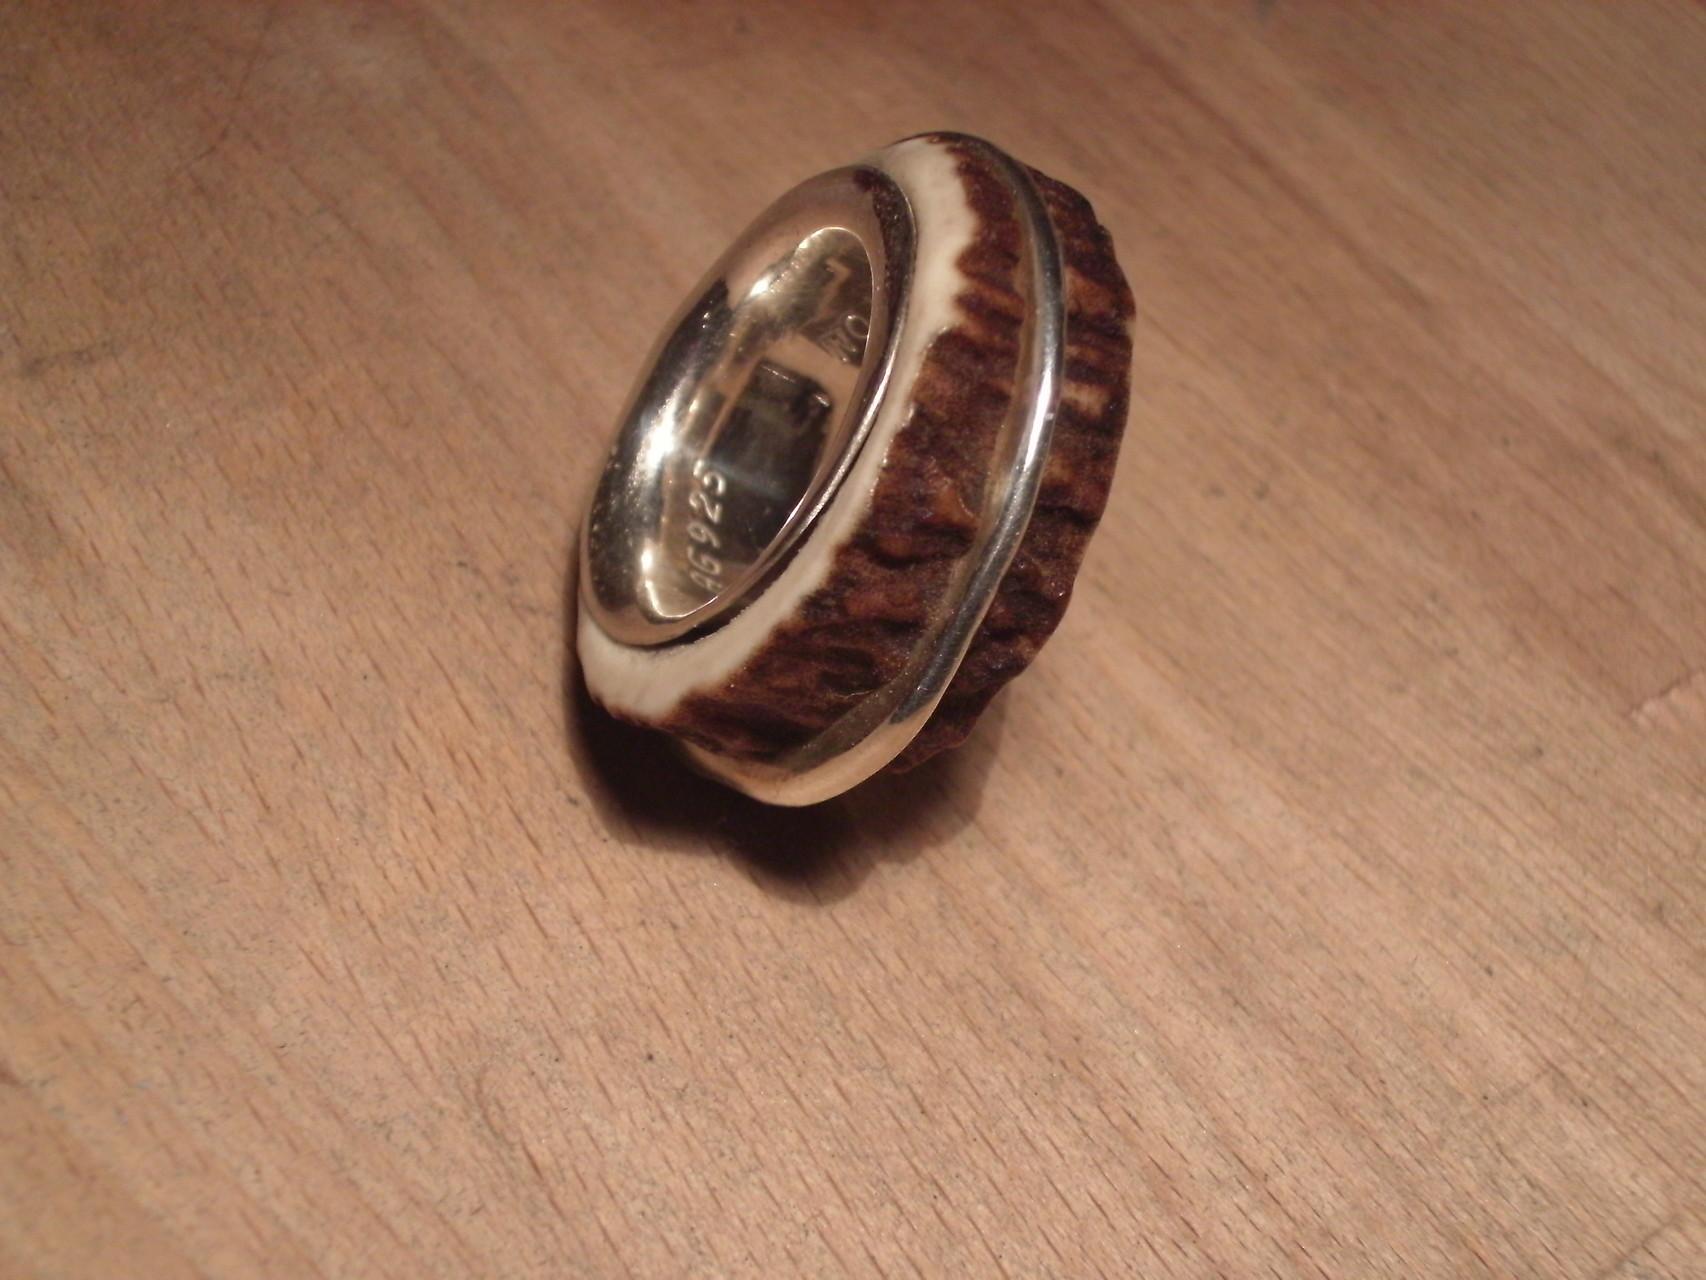 Hornring mit Silberinnenring und mittigem Silber-Reif (925 Sterlingsilber) Preis: CHF 320.-